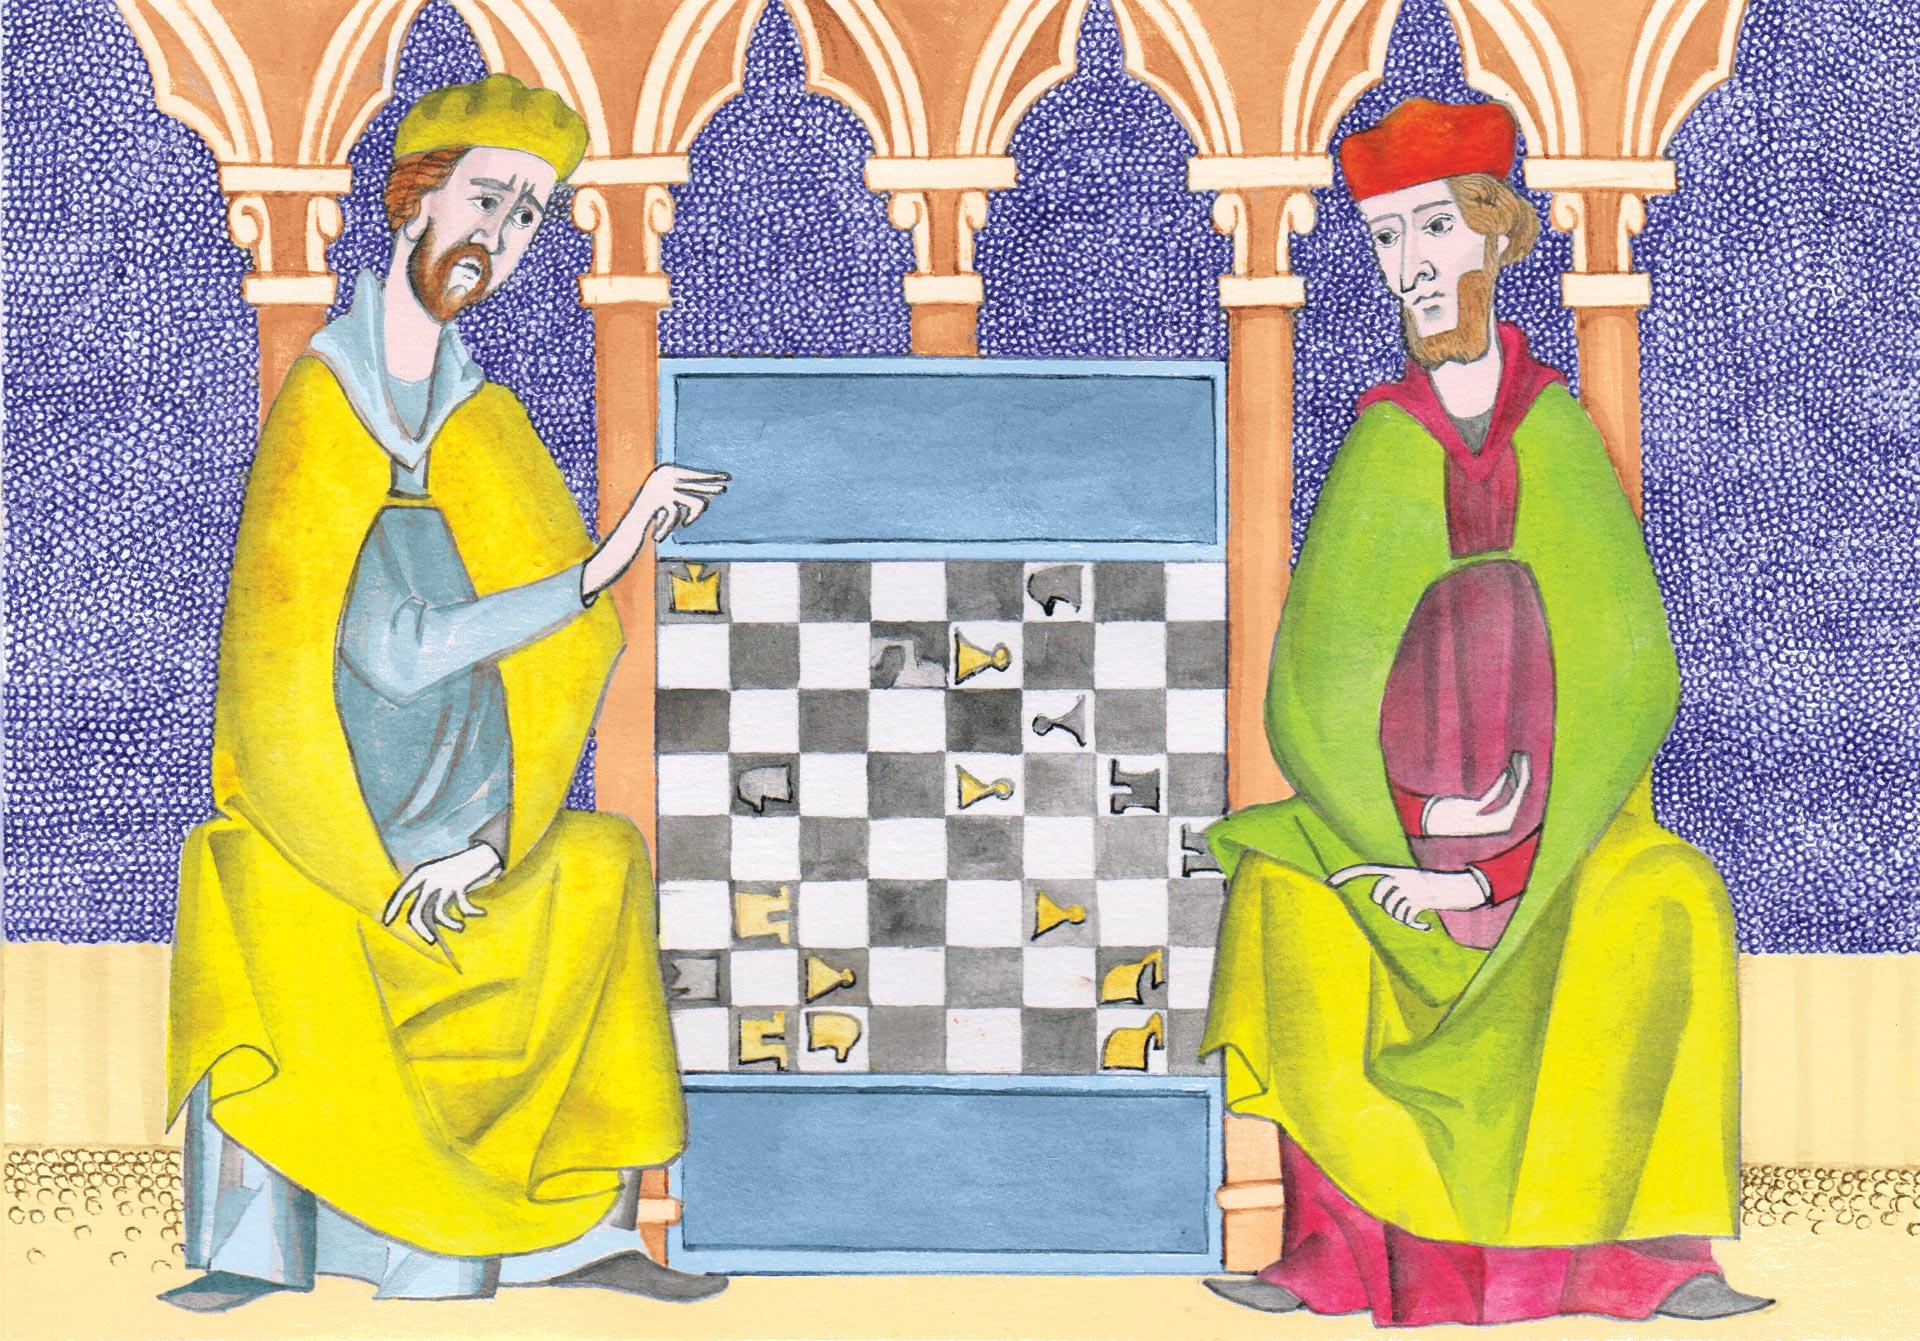 1 Kraina królewskiej gry